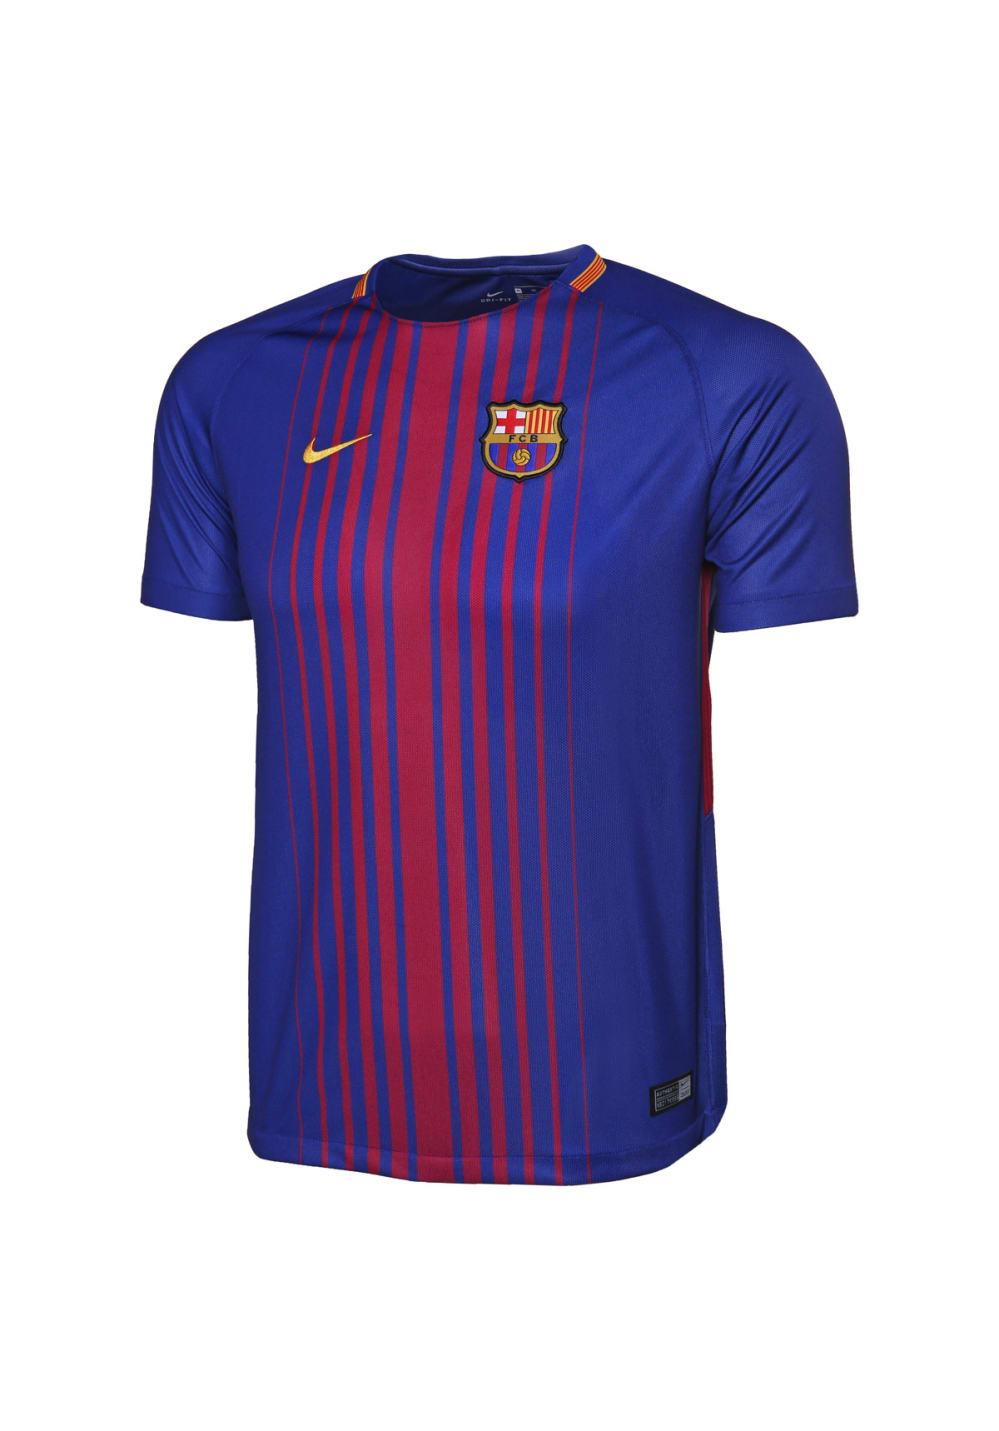 Nike Kids' Breathe Barcelona Stadium Jersey - T-Shirts für Kinder Unisex - Blau